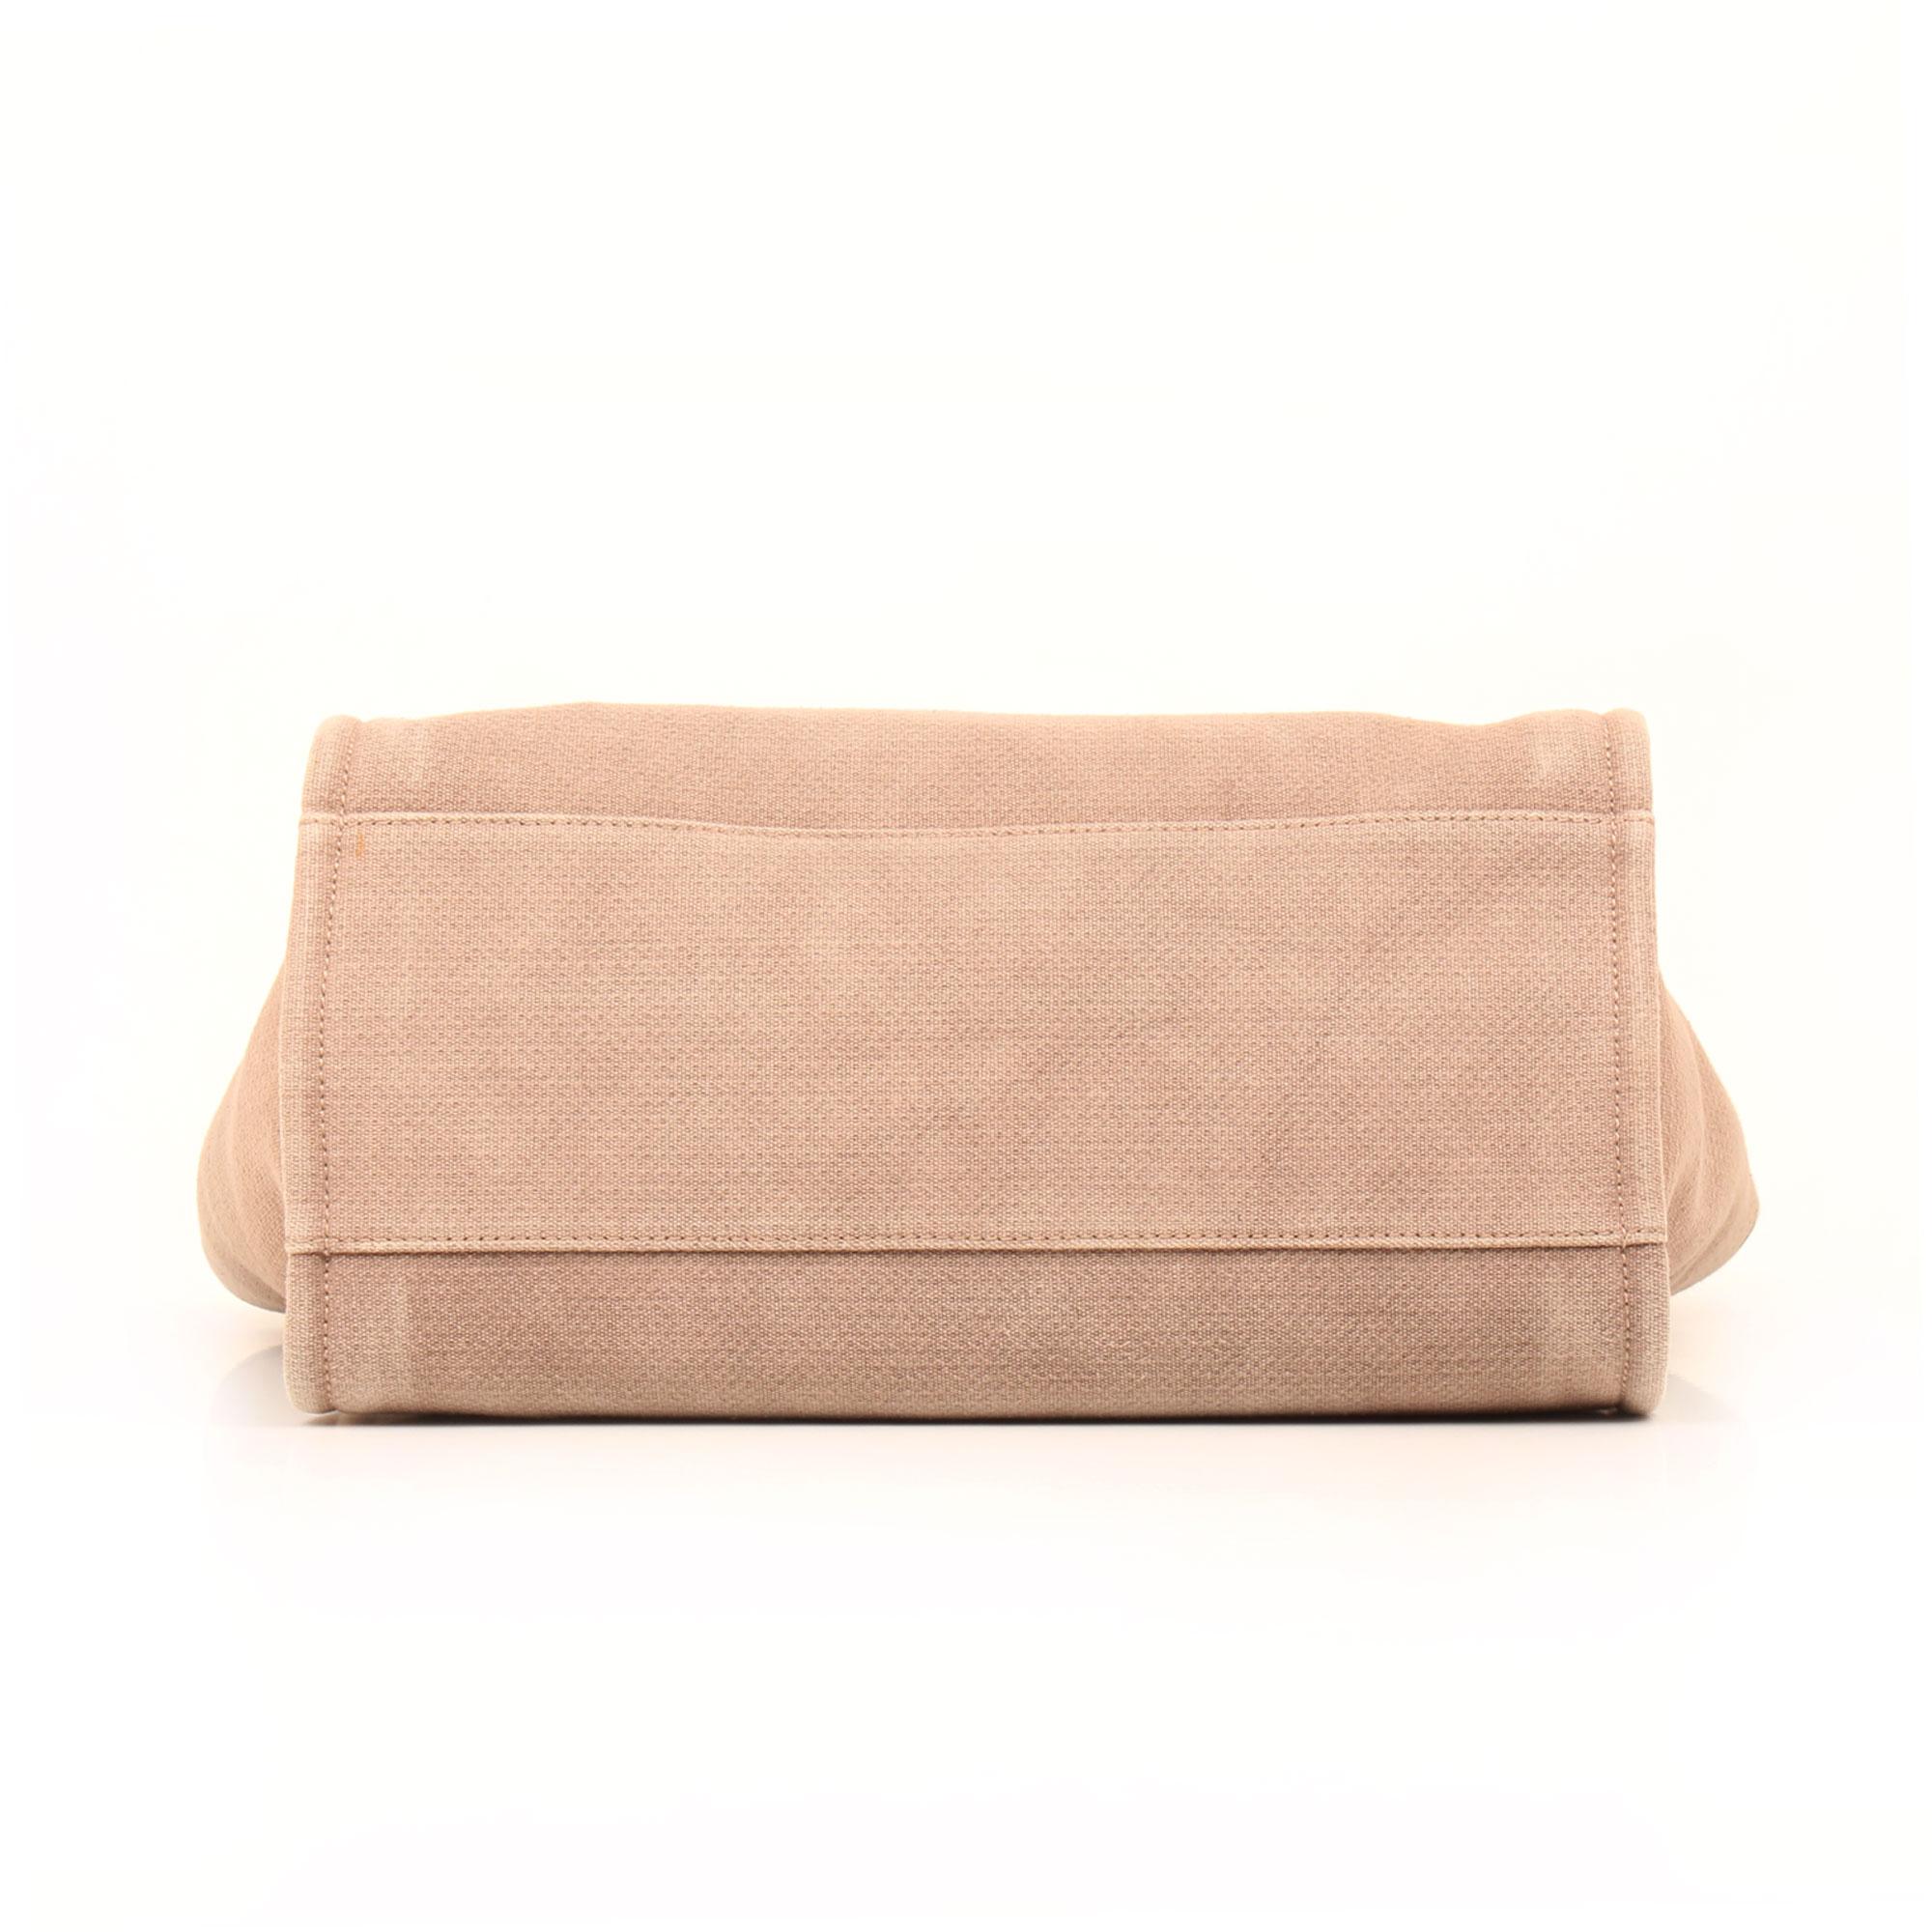 Imagen de la base del bolso chanel ecru deauville tote